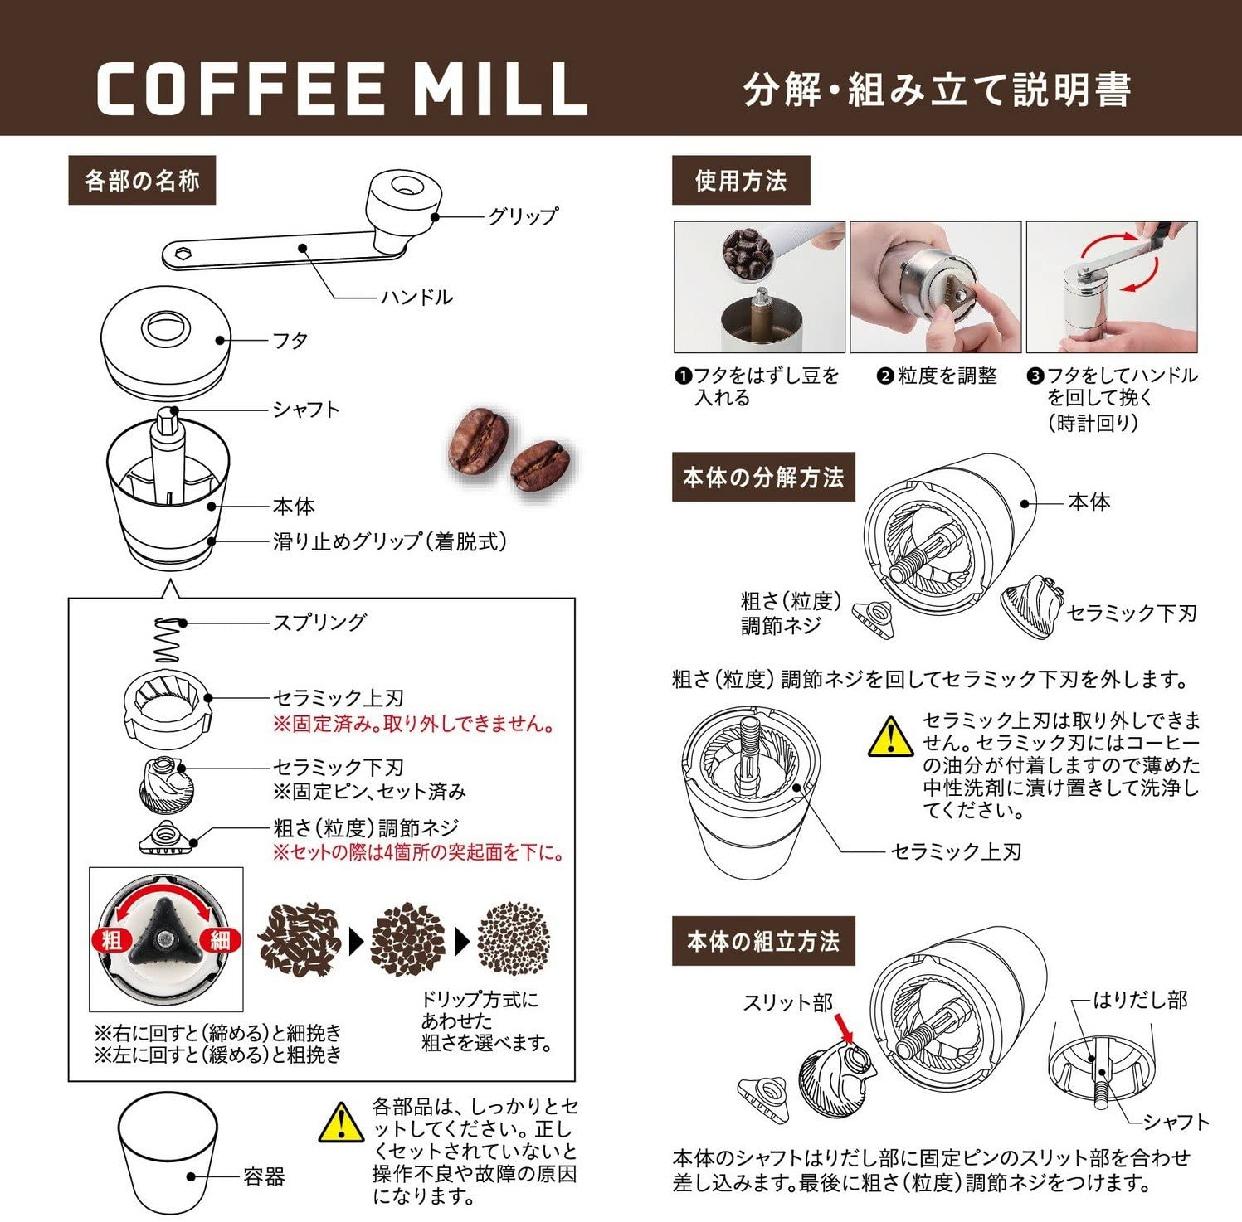 CAPTAIN STAG(キャプテンスタッグ) 18-8ステンレスハンディーコーヒーミルS(セラミック刃) UW-3501の商品画像5